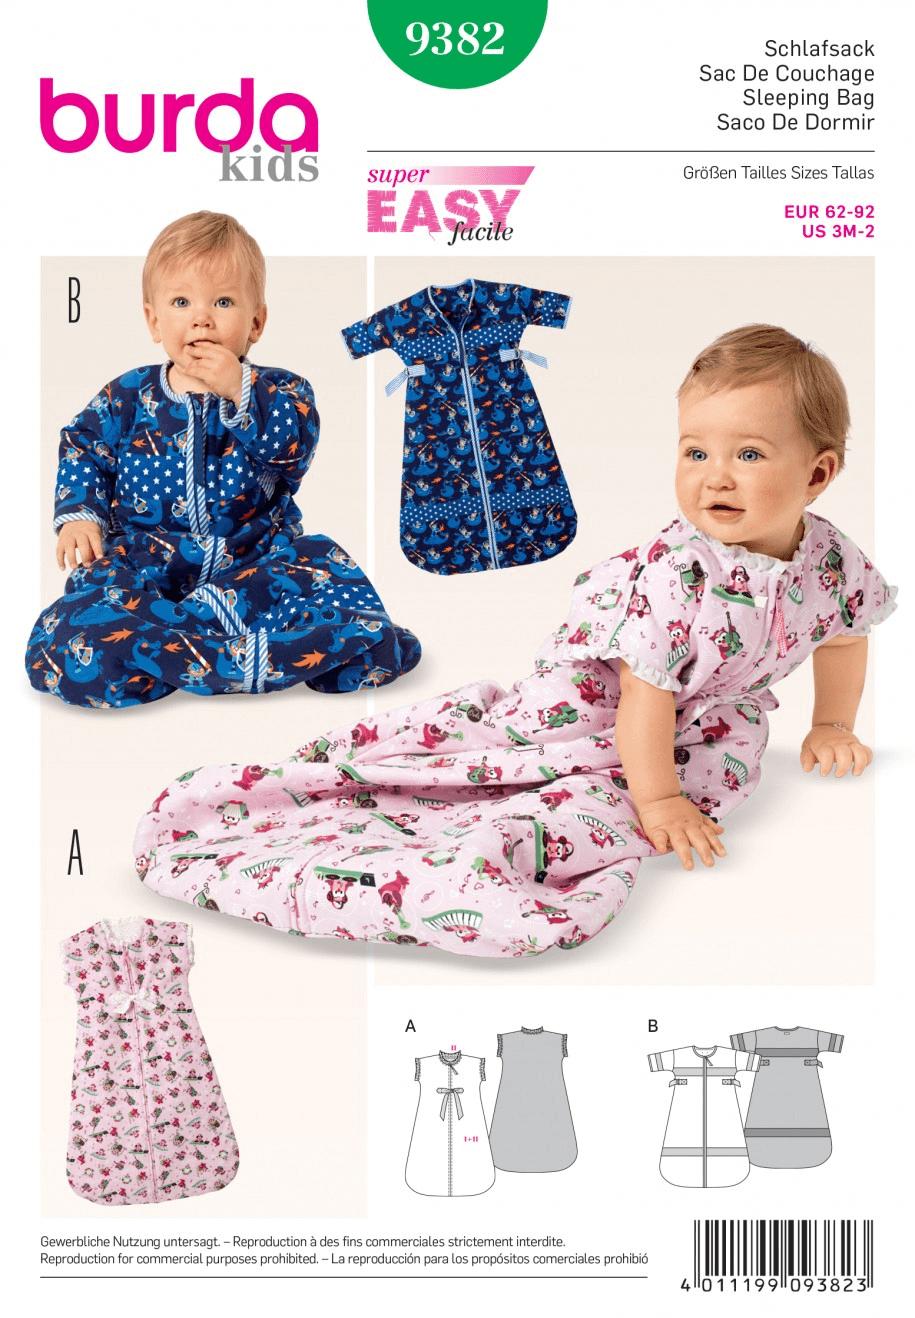 Kids Babies Sleeping Bag Sleepsuit Burda Sewing Pattern 9382